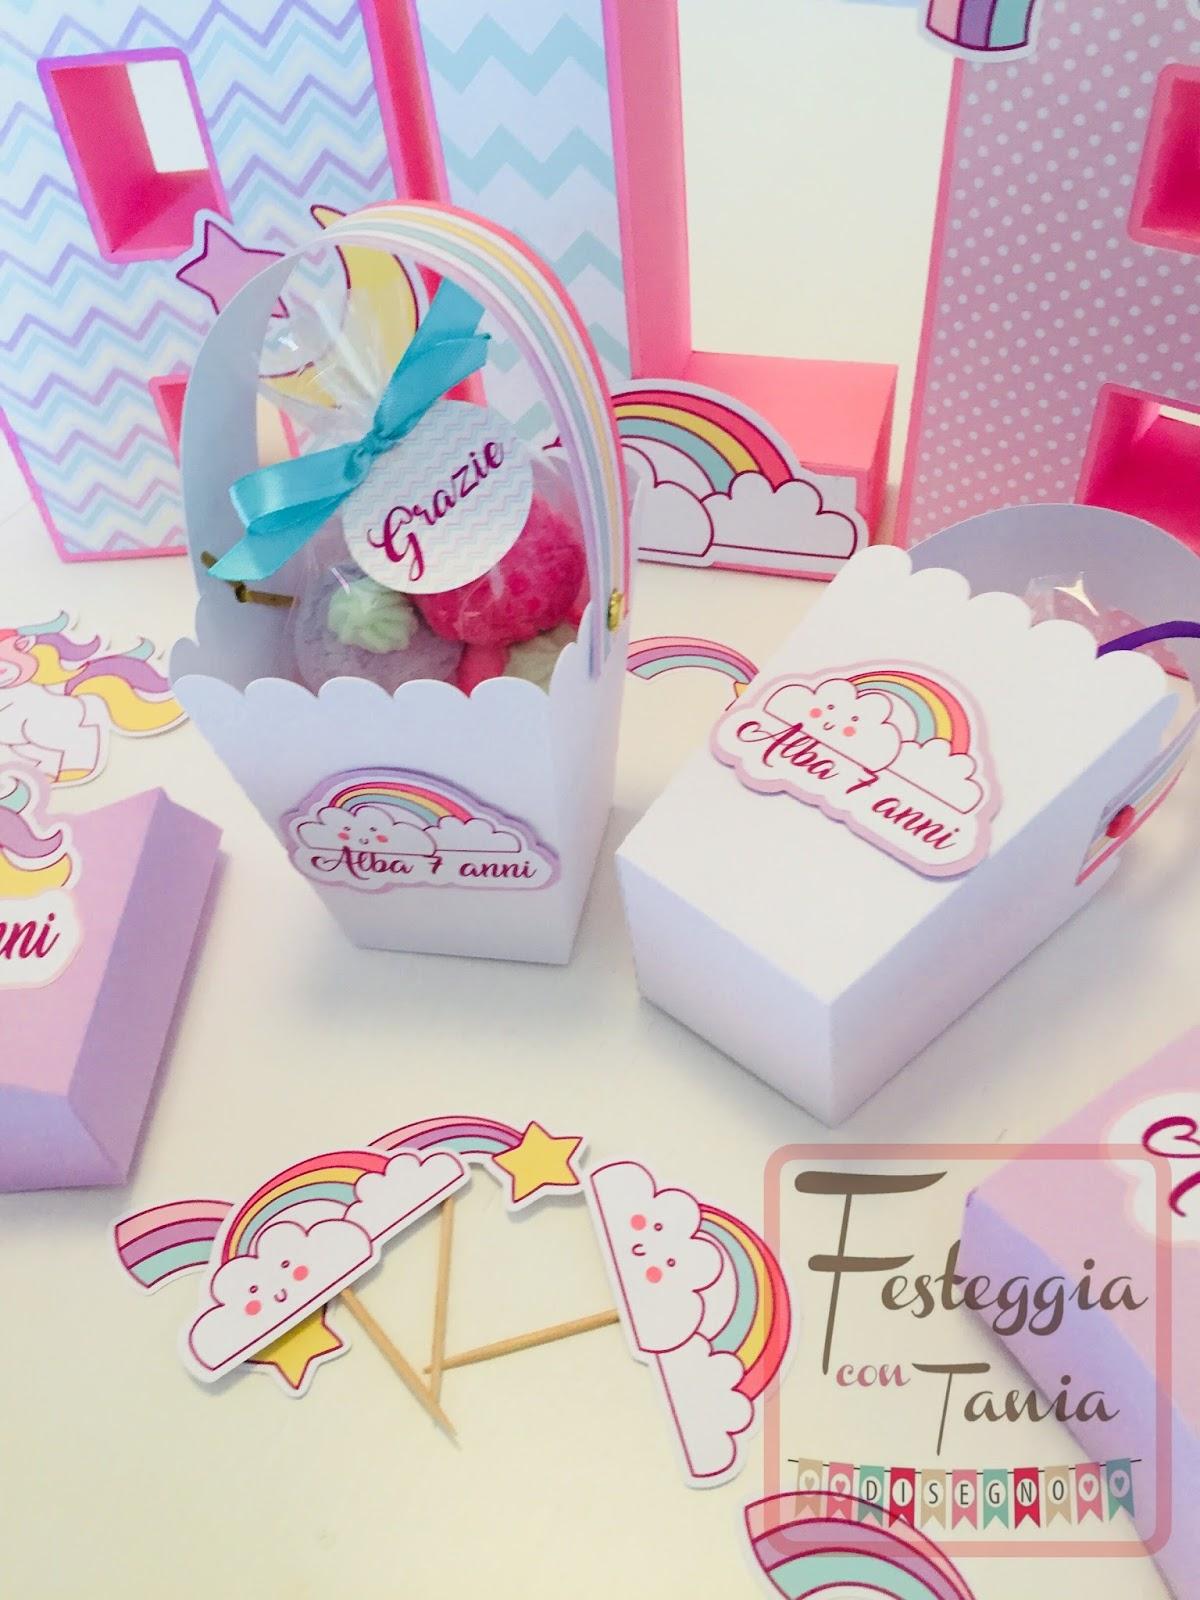 Matrimonio Tema Unicorno : Festeggia con tania